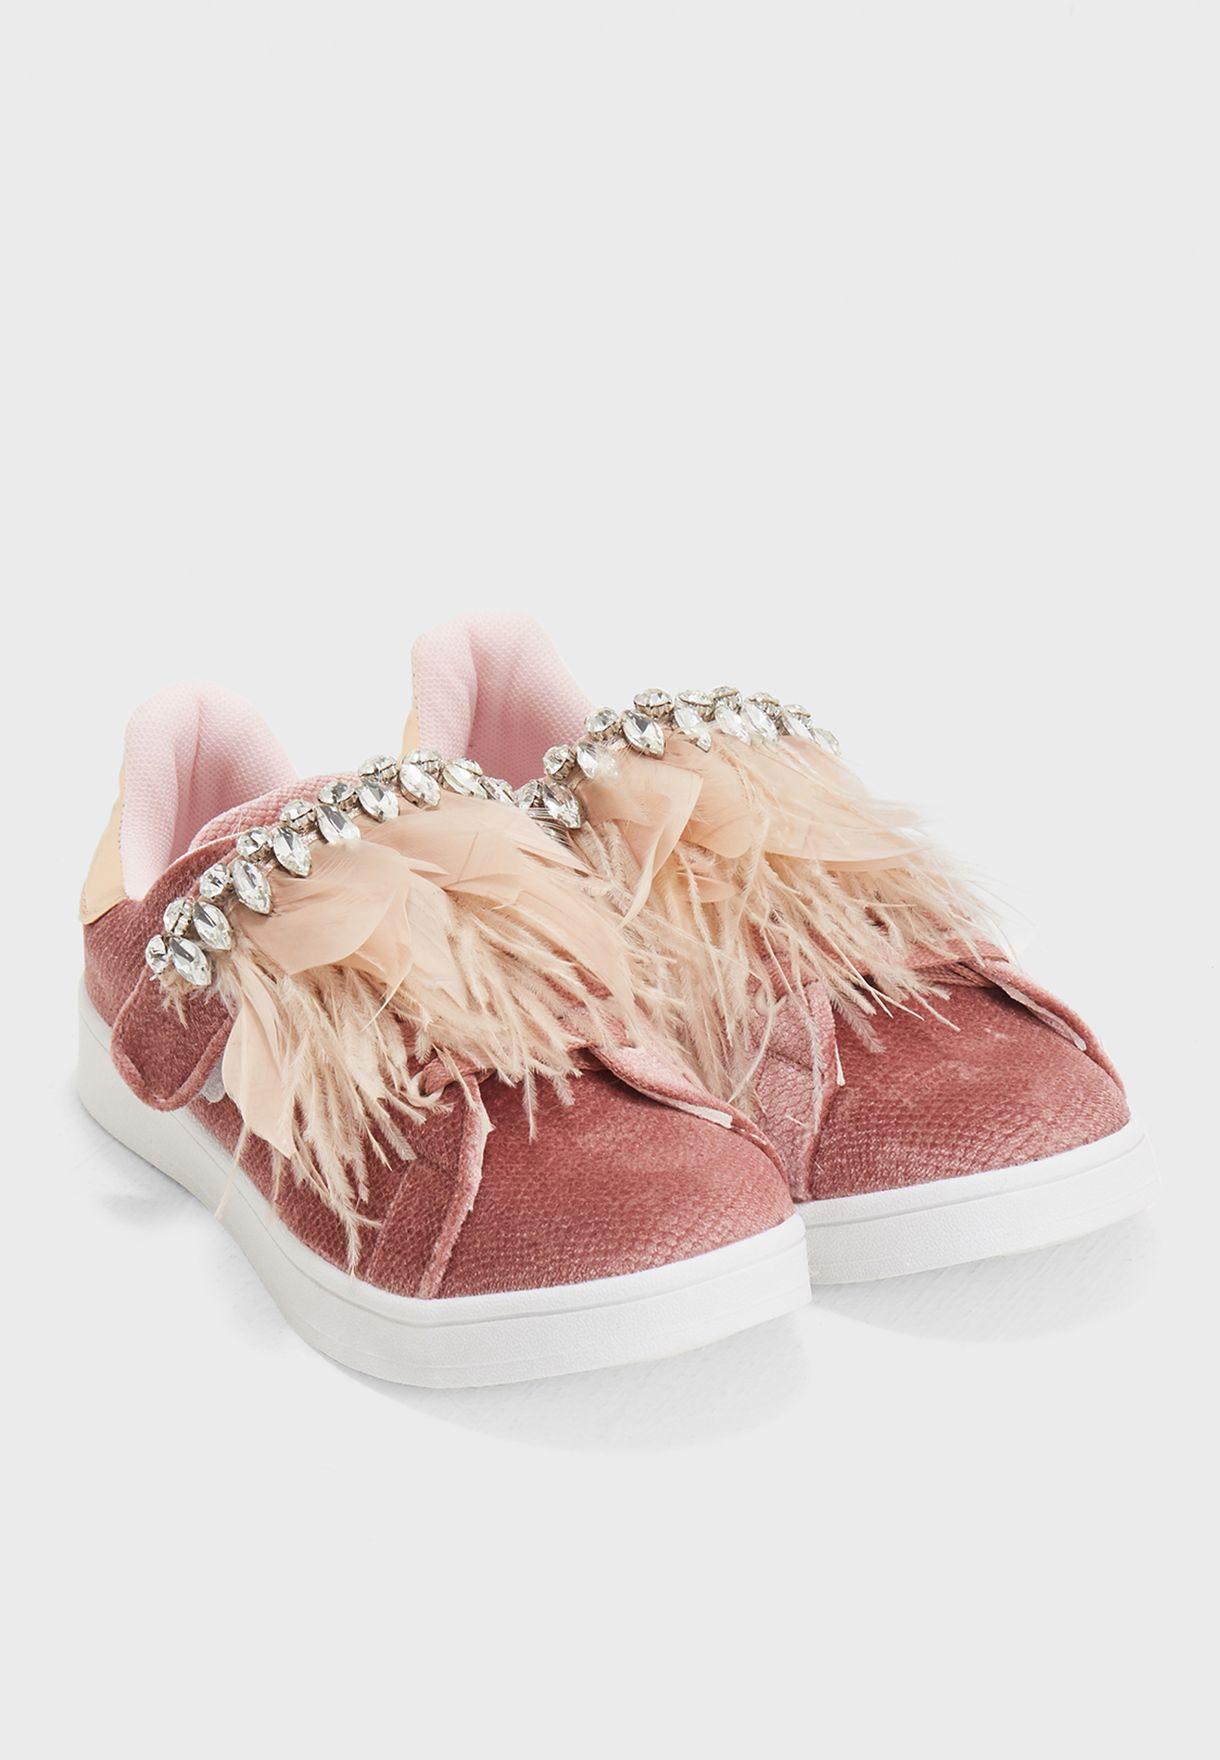 حذاء مزين بأحجار لامعة وريش